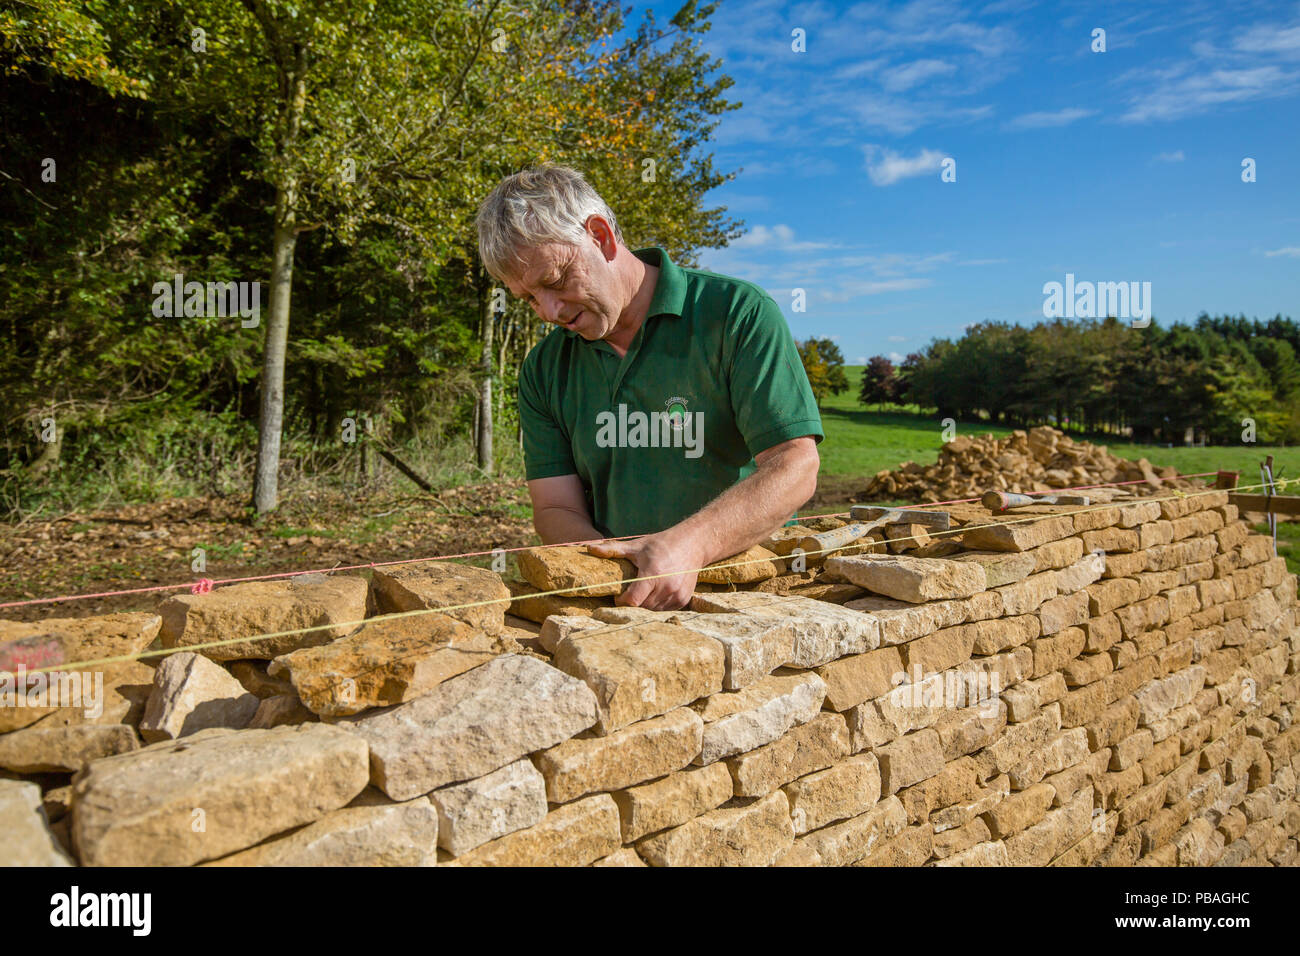 En pierres sèches traditionnelles travaillant avec la construction d'un mur en pierre calcaire des Cotswolds, Guiting Power, Gloucestershire, Royaume-Uni. Octobre 2015. Photo Stock